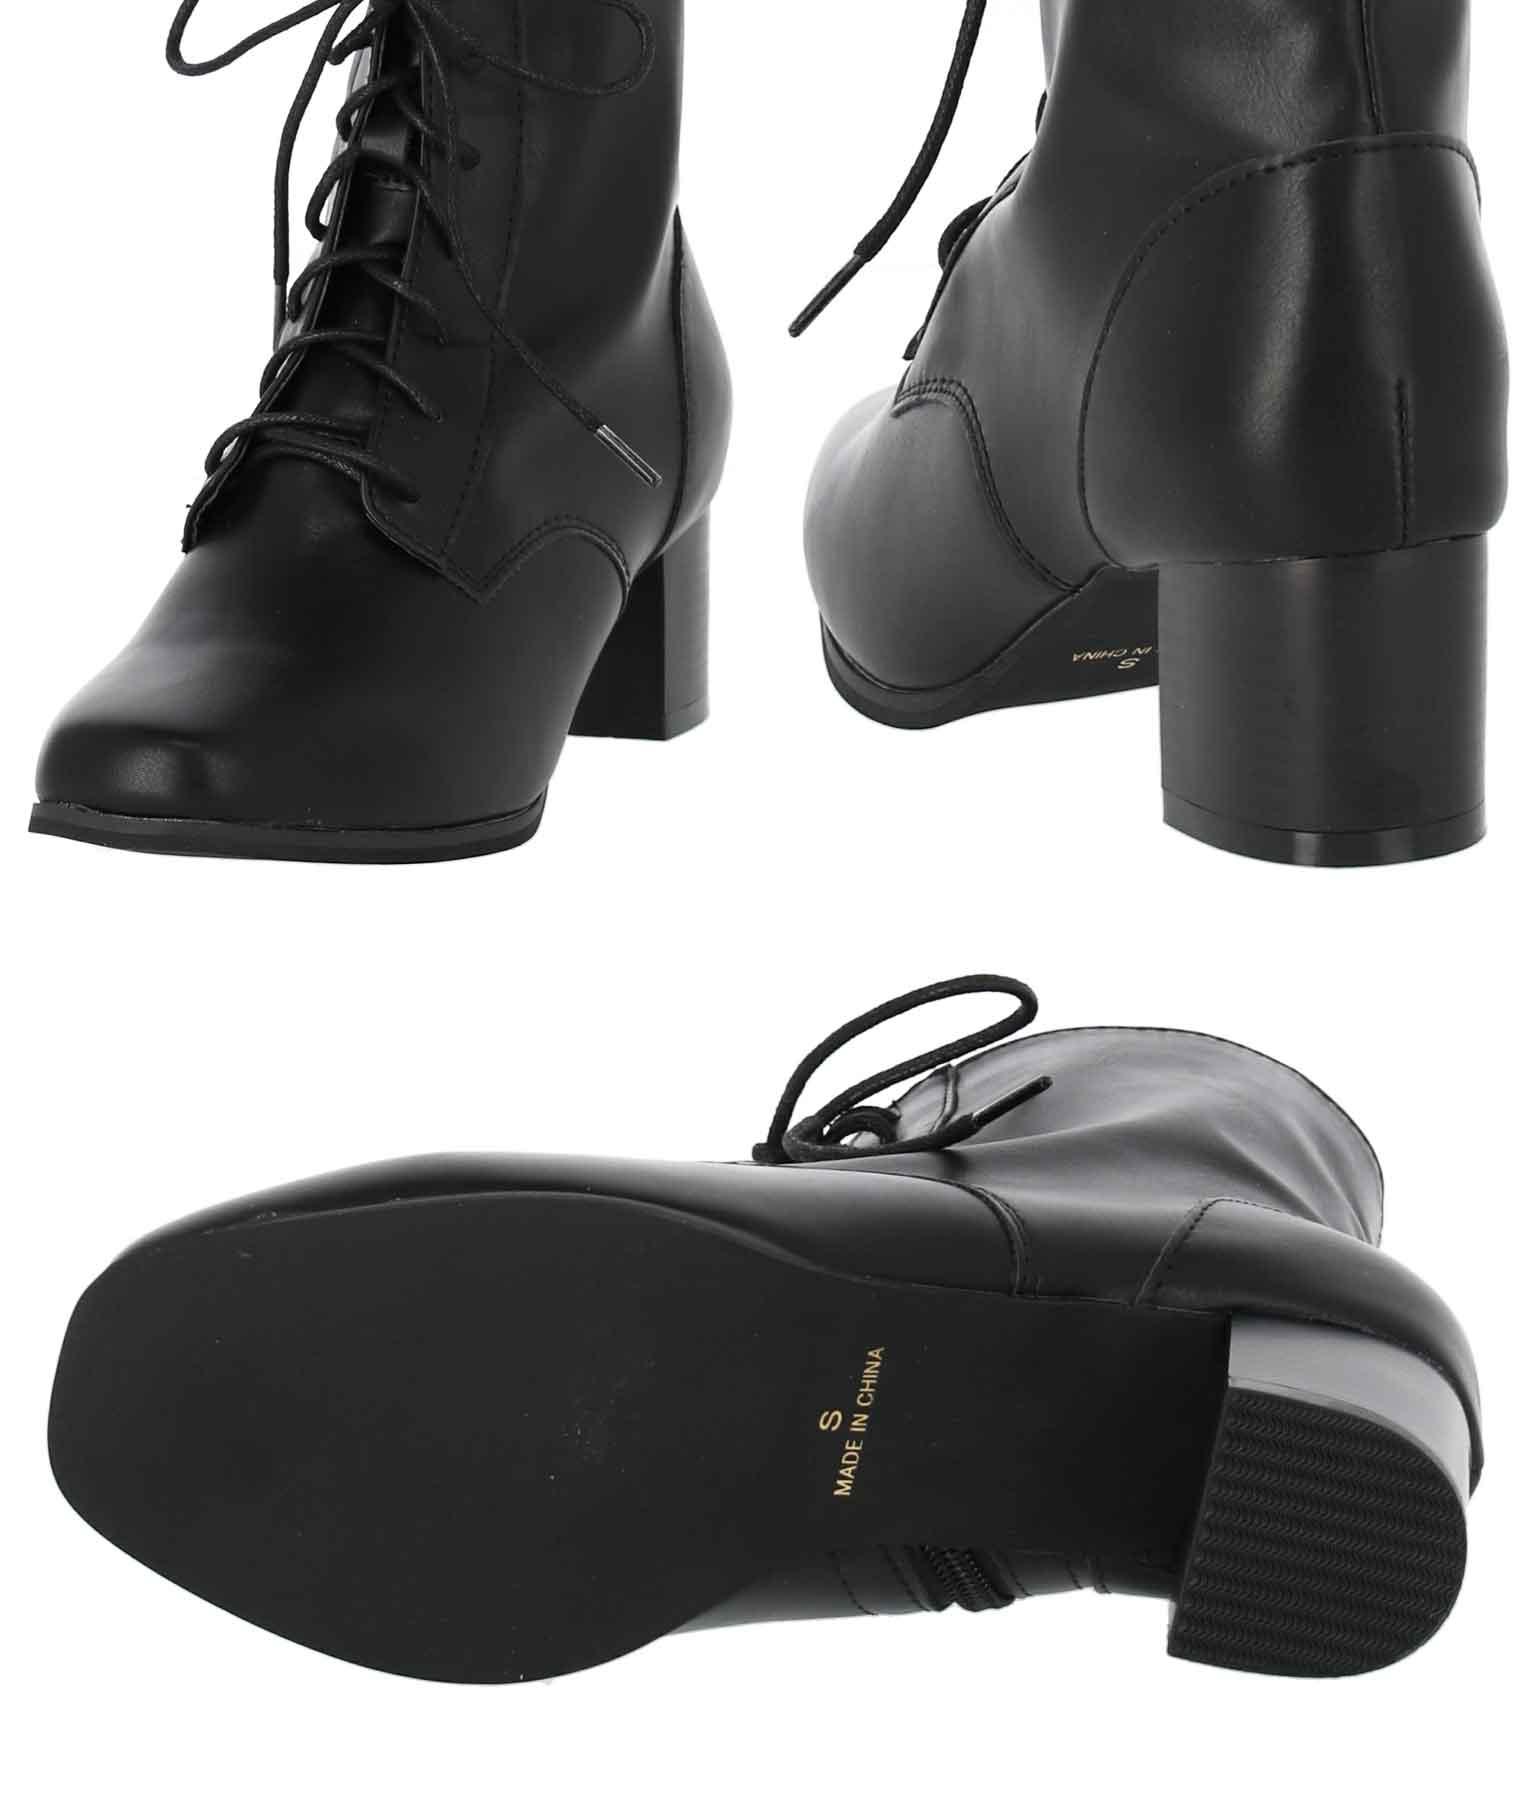 レースアップスクエアトゥブーツ(シューズ・靴/ブーツ) | CHILLE